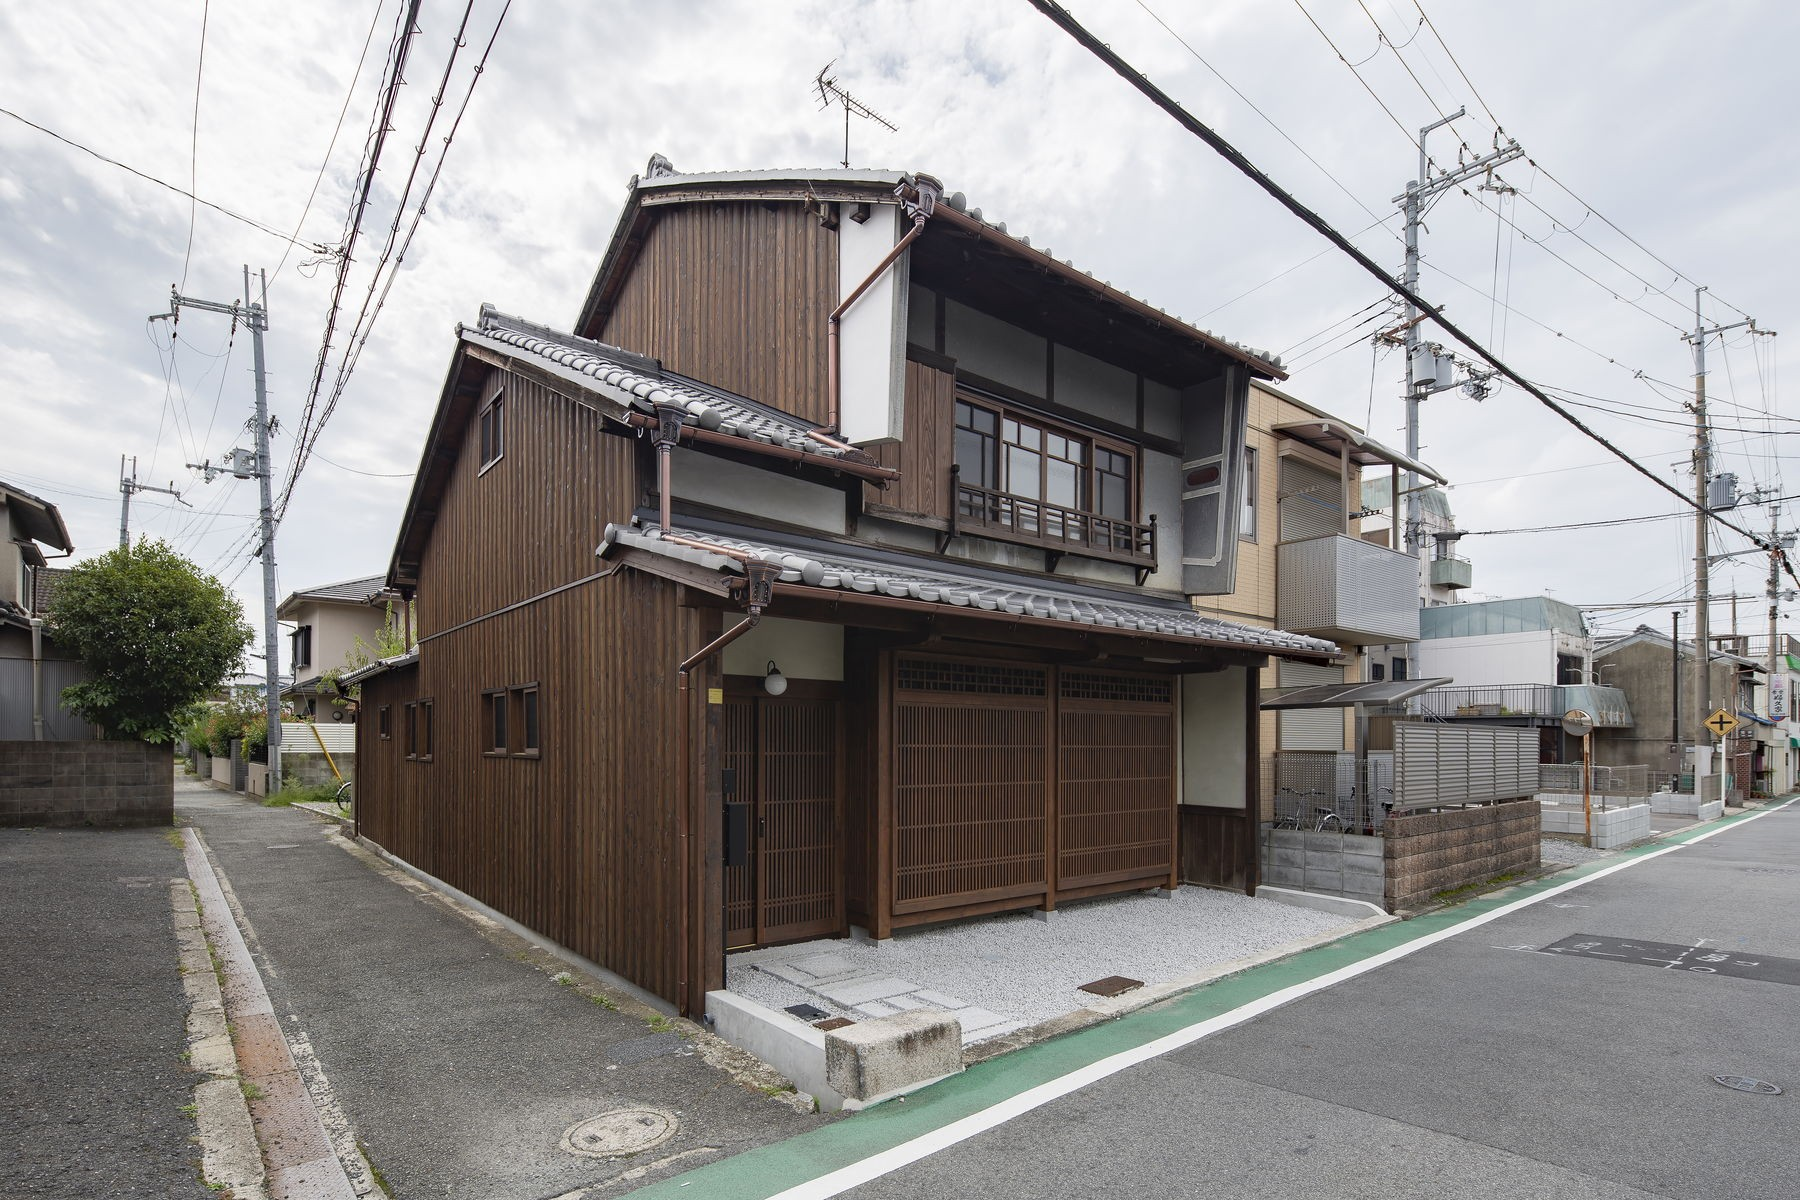 外観事例:佐保路の家||奈良町家のリノベーション(佐保路の家|奈良町家のリノベーション【奈良市】)